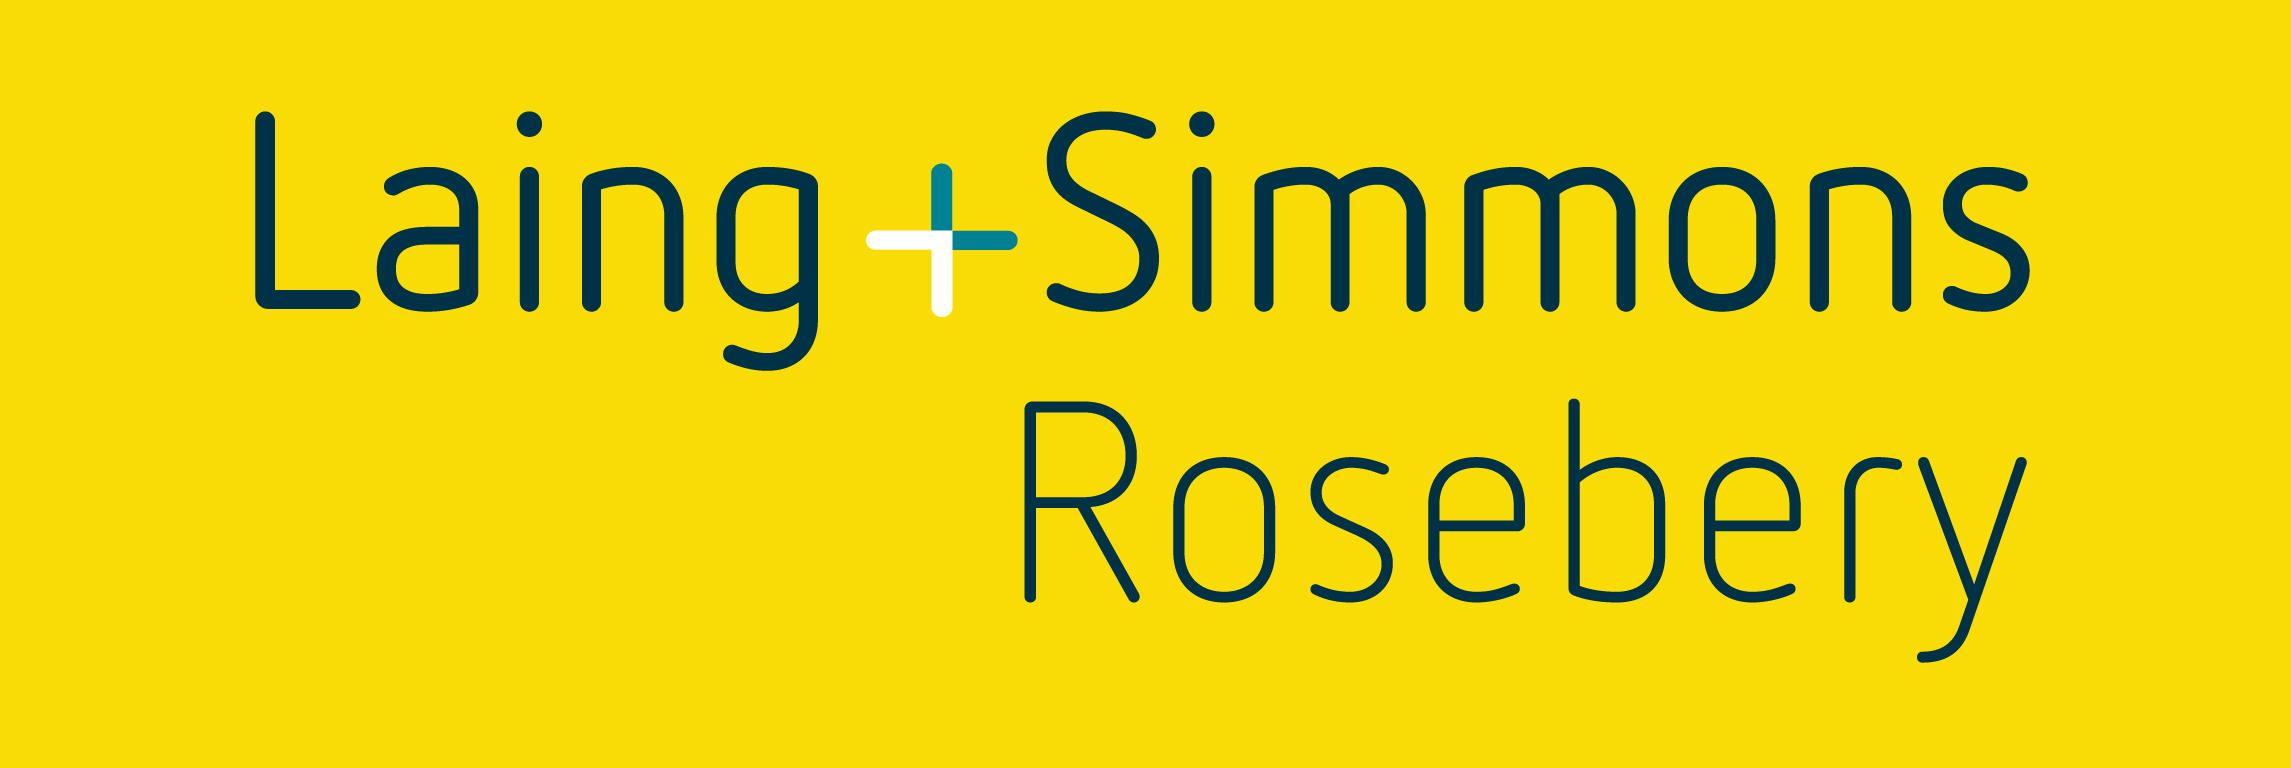 Laing + Simmons Rosebery, Rosebery, 2018